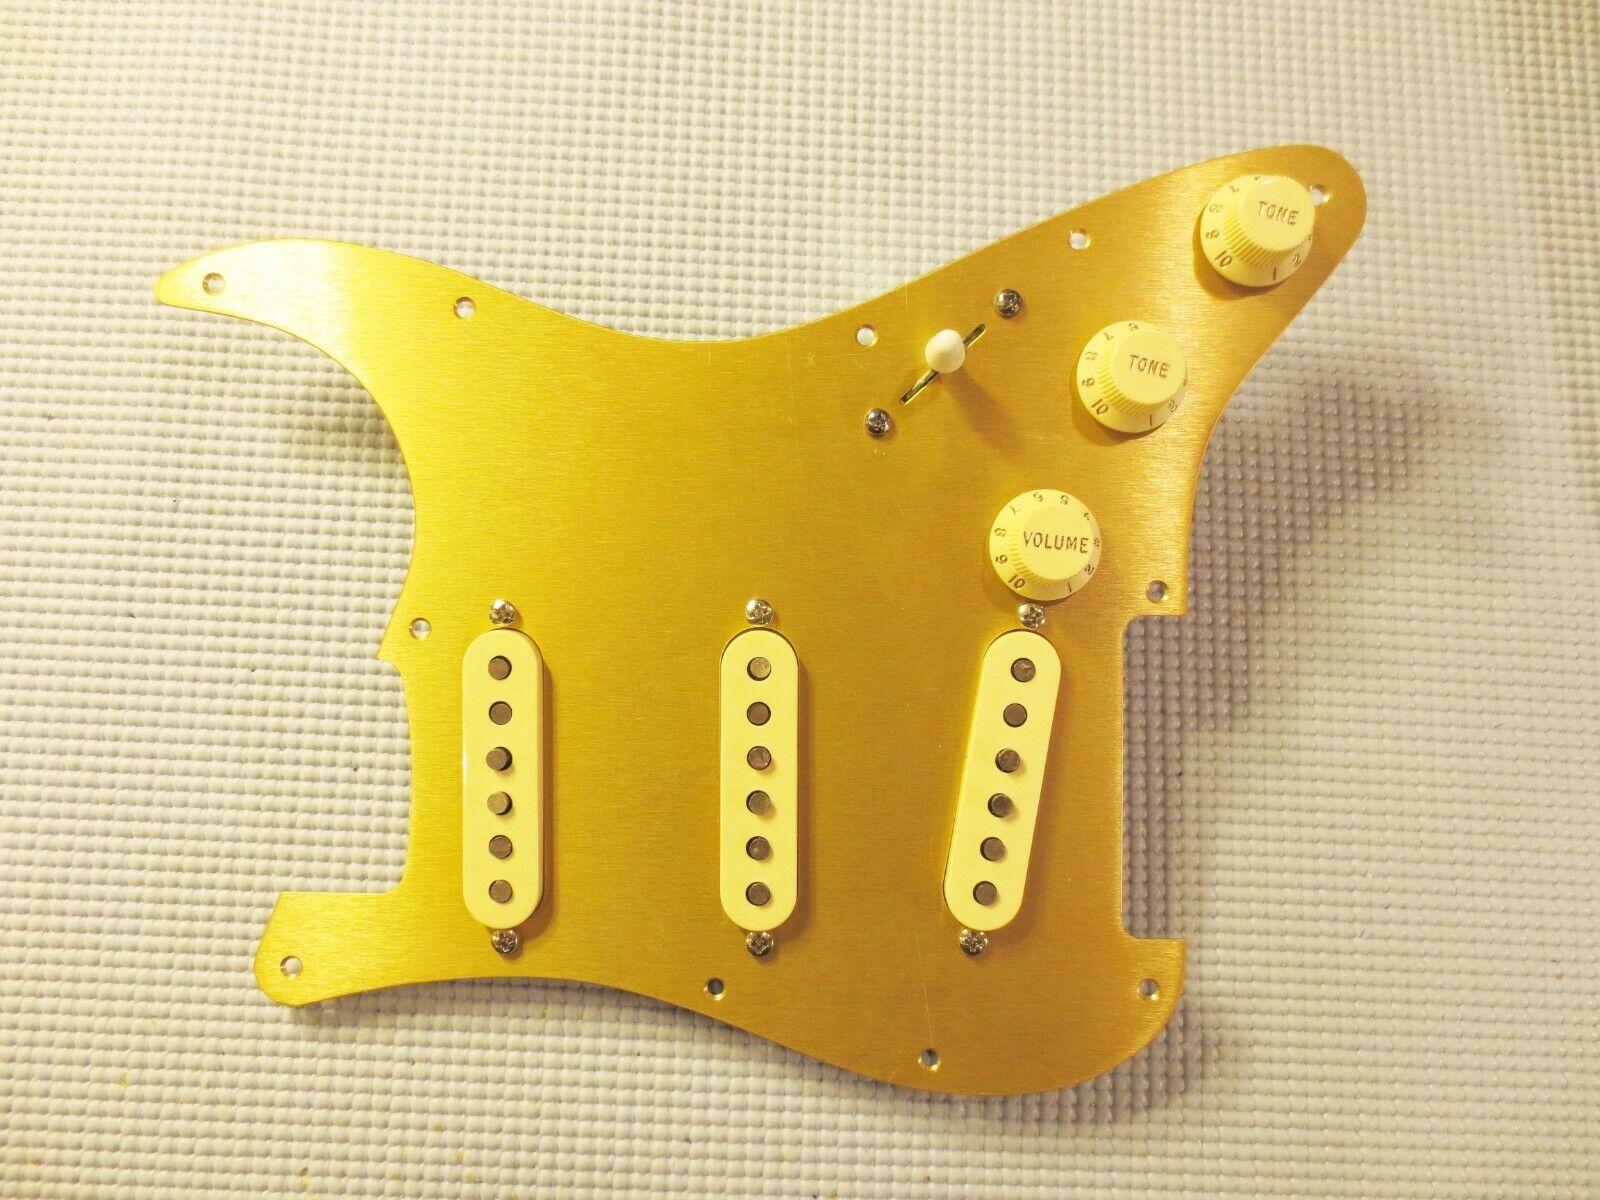 Lindy Fralin Geladen Strat Schlagbrett Woodstock '69 Tonabnehmer Creme auf Gold